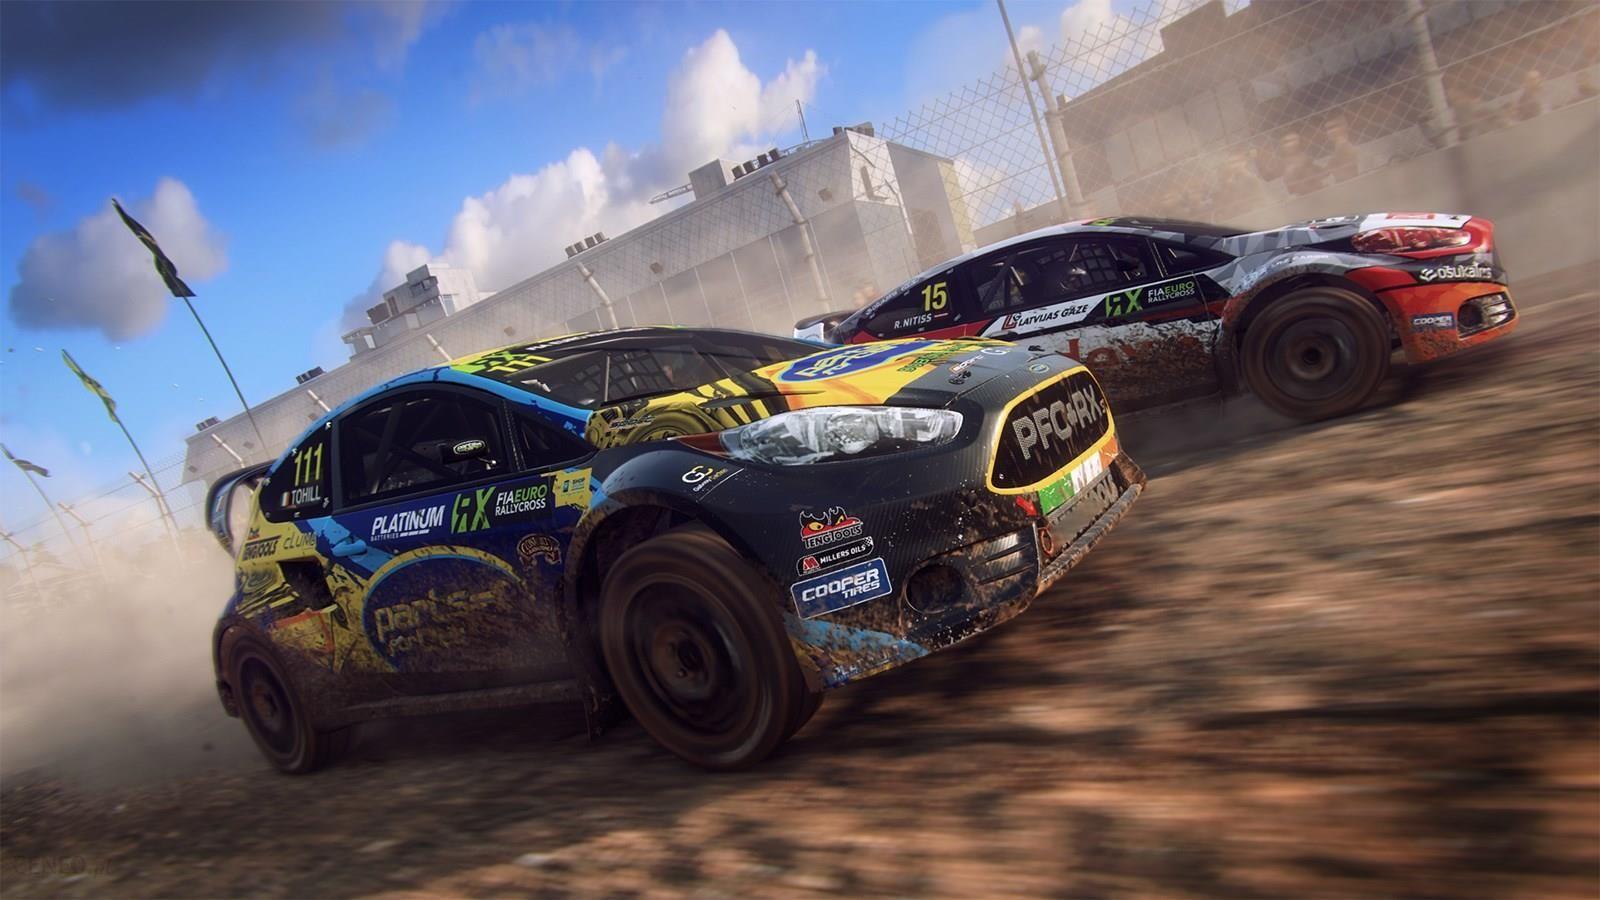 """Znalezione obrazy dlazapytania: DiRT Rally 2.0"""""""